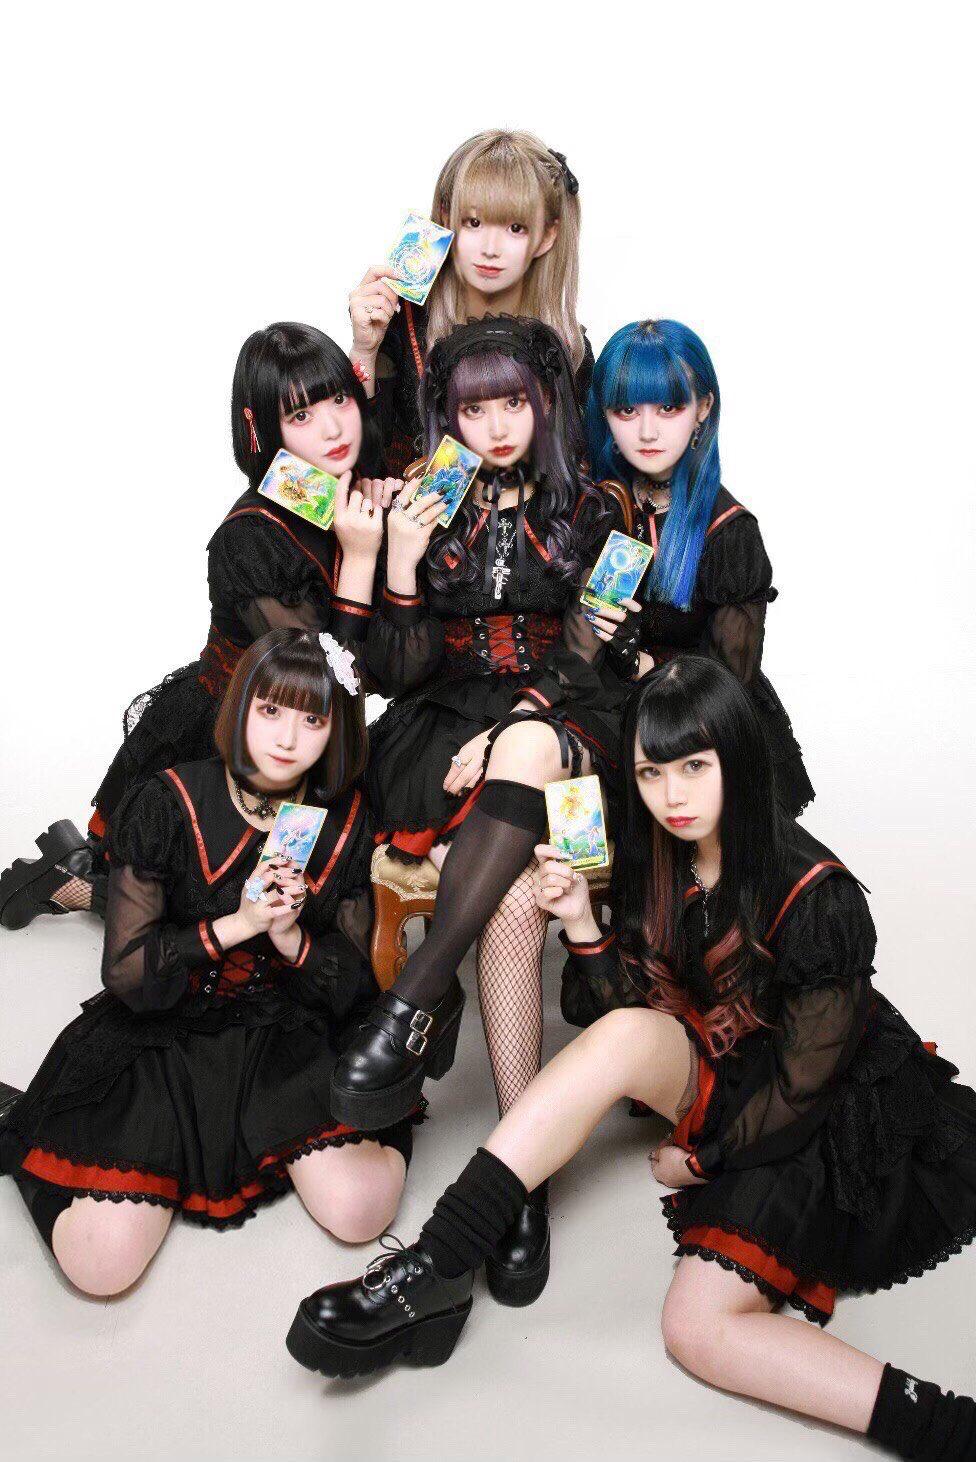 オーディション HELLSECT新メンバー&王道アイドル初期メンバー募集 主催:DIOSA、カテゴリ:アイドル(正統派)